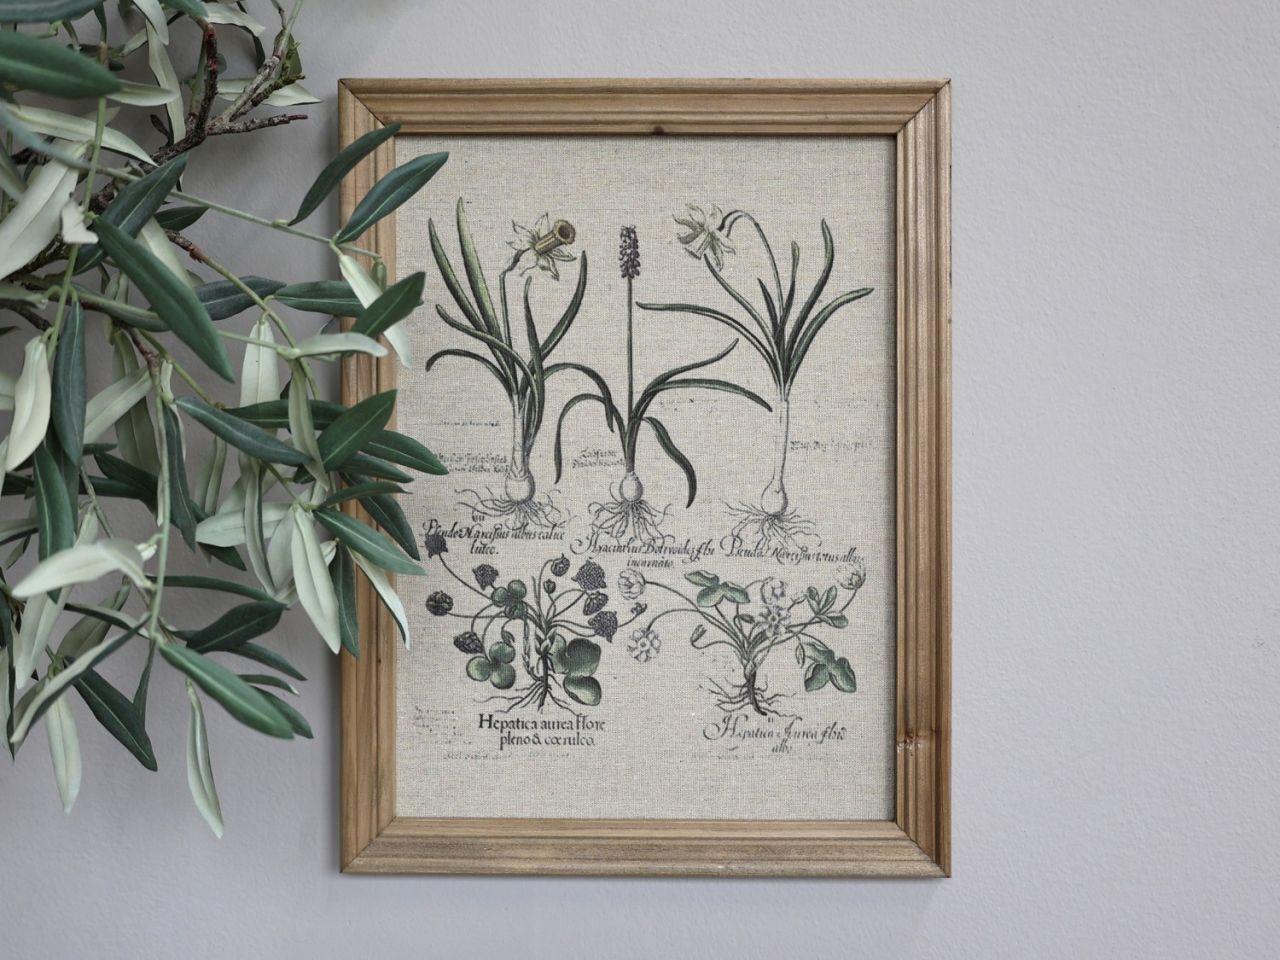 -Bild mit Blumendruck und Naturrahmen Variante 2 von Chic Antique-